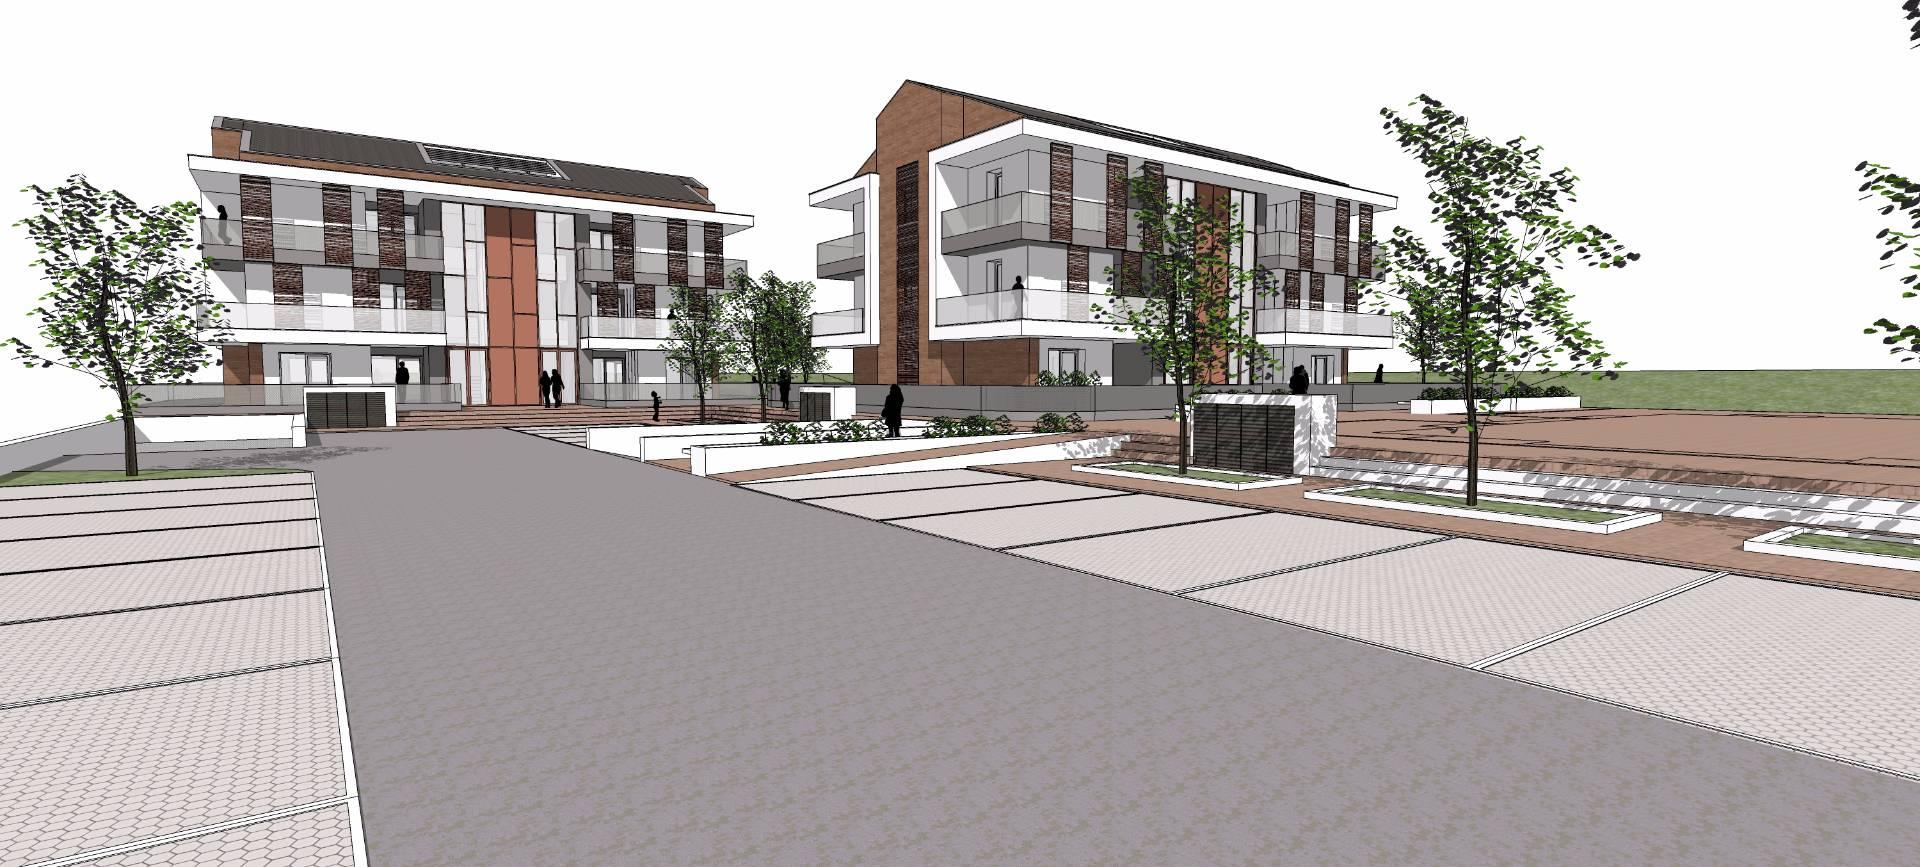 Appartamento in vendita a Cesena, 4 locali, zona Località: PonteAbbadesse, prezzo € 400.000 | Cambio Casa.it